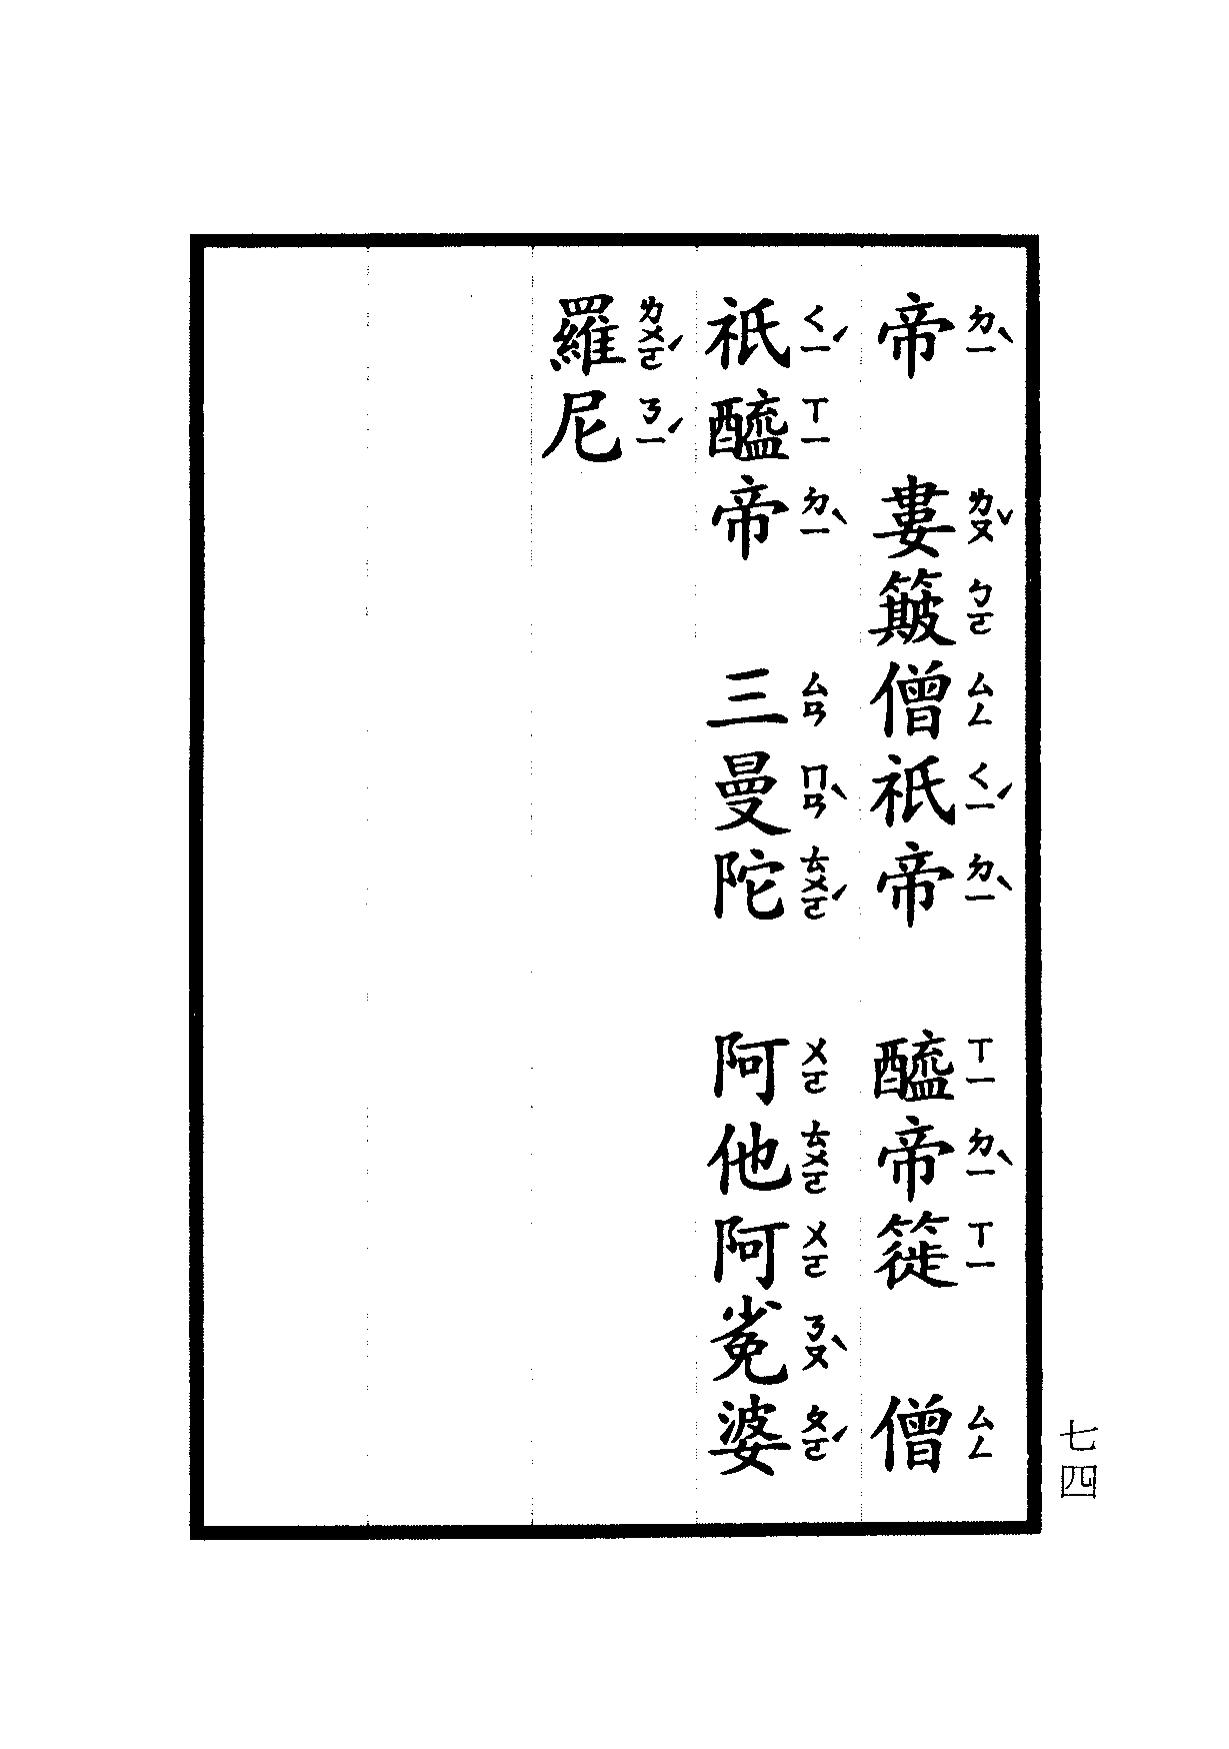 楞嚴咒-大悲咒-十小咒-易背本 80.png